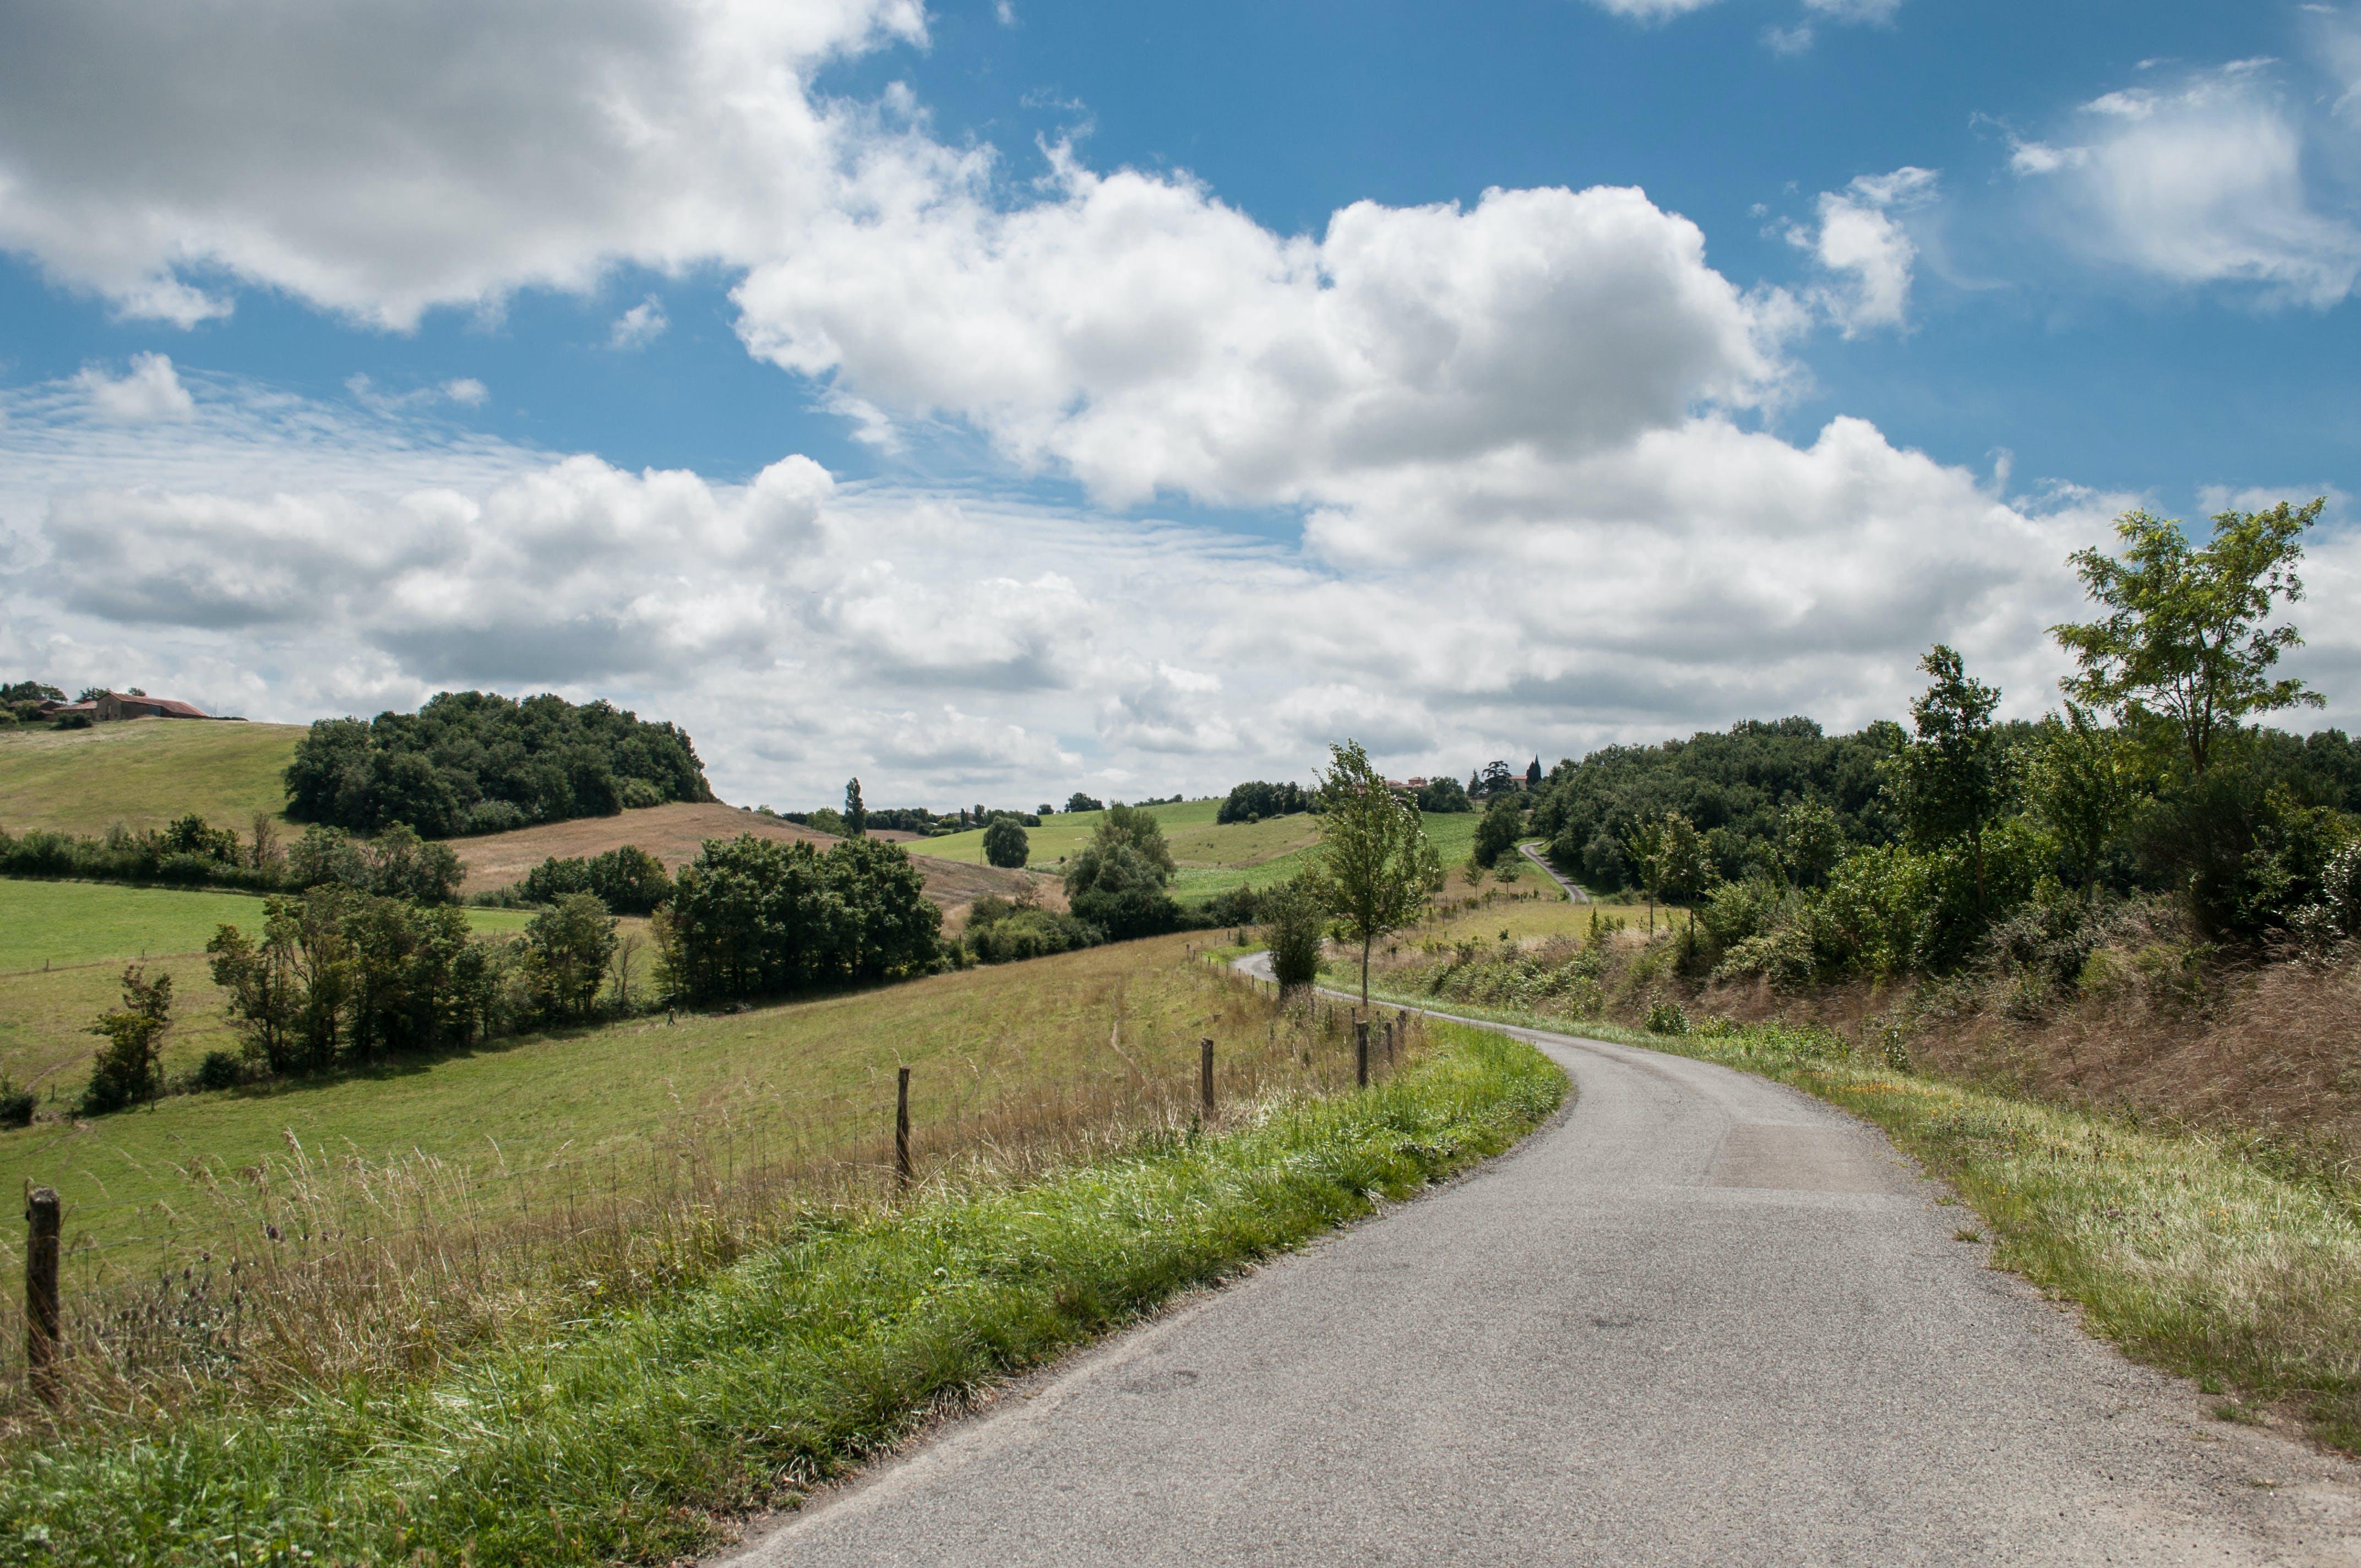 Asphalt Road Between Green Grass